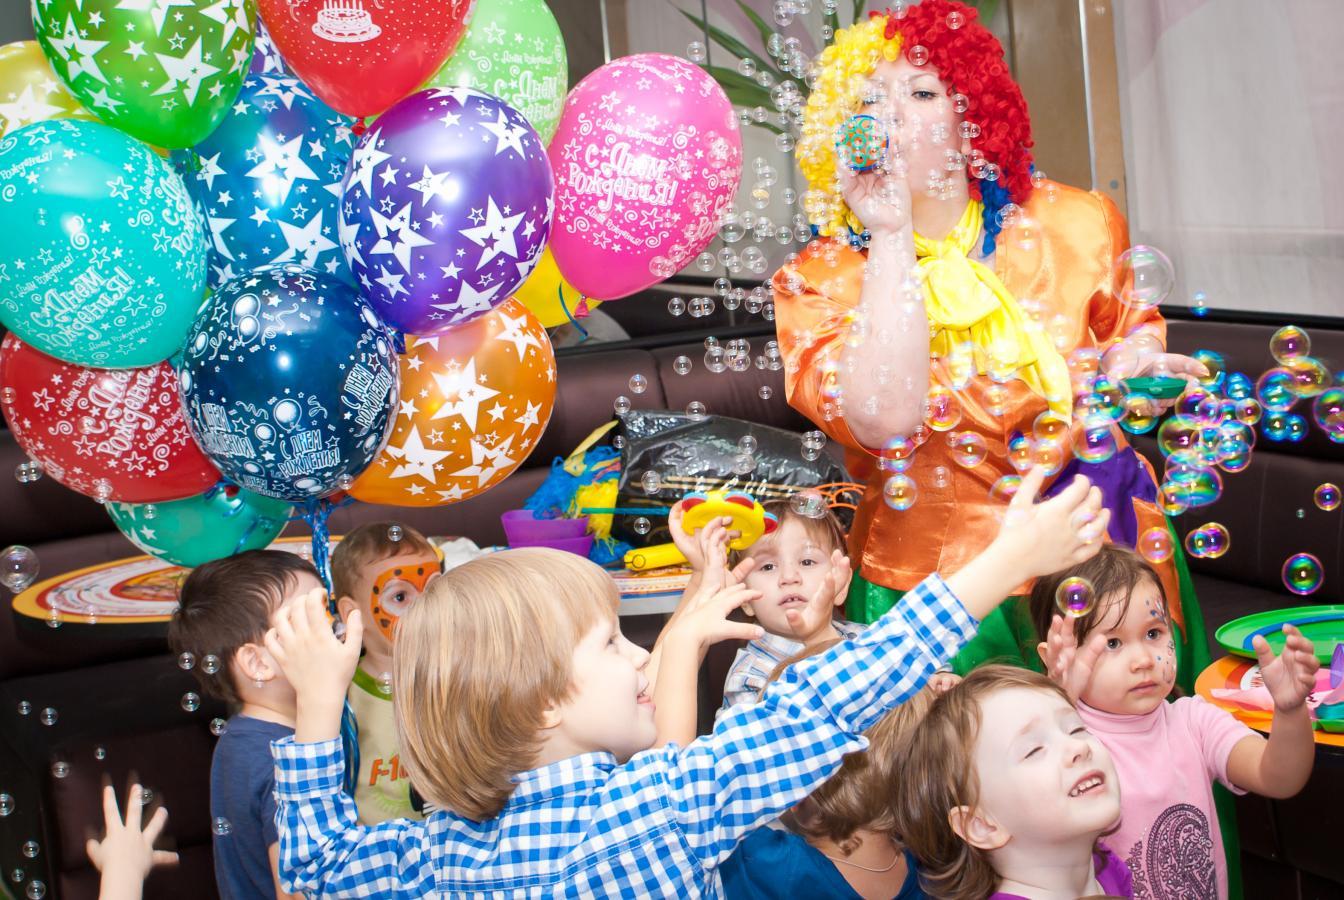 Праздники для детей картинки, марта